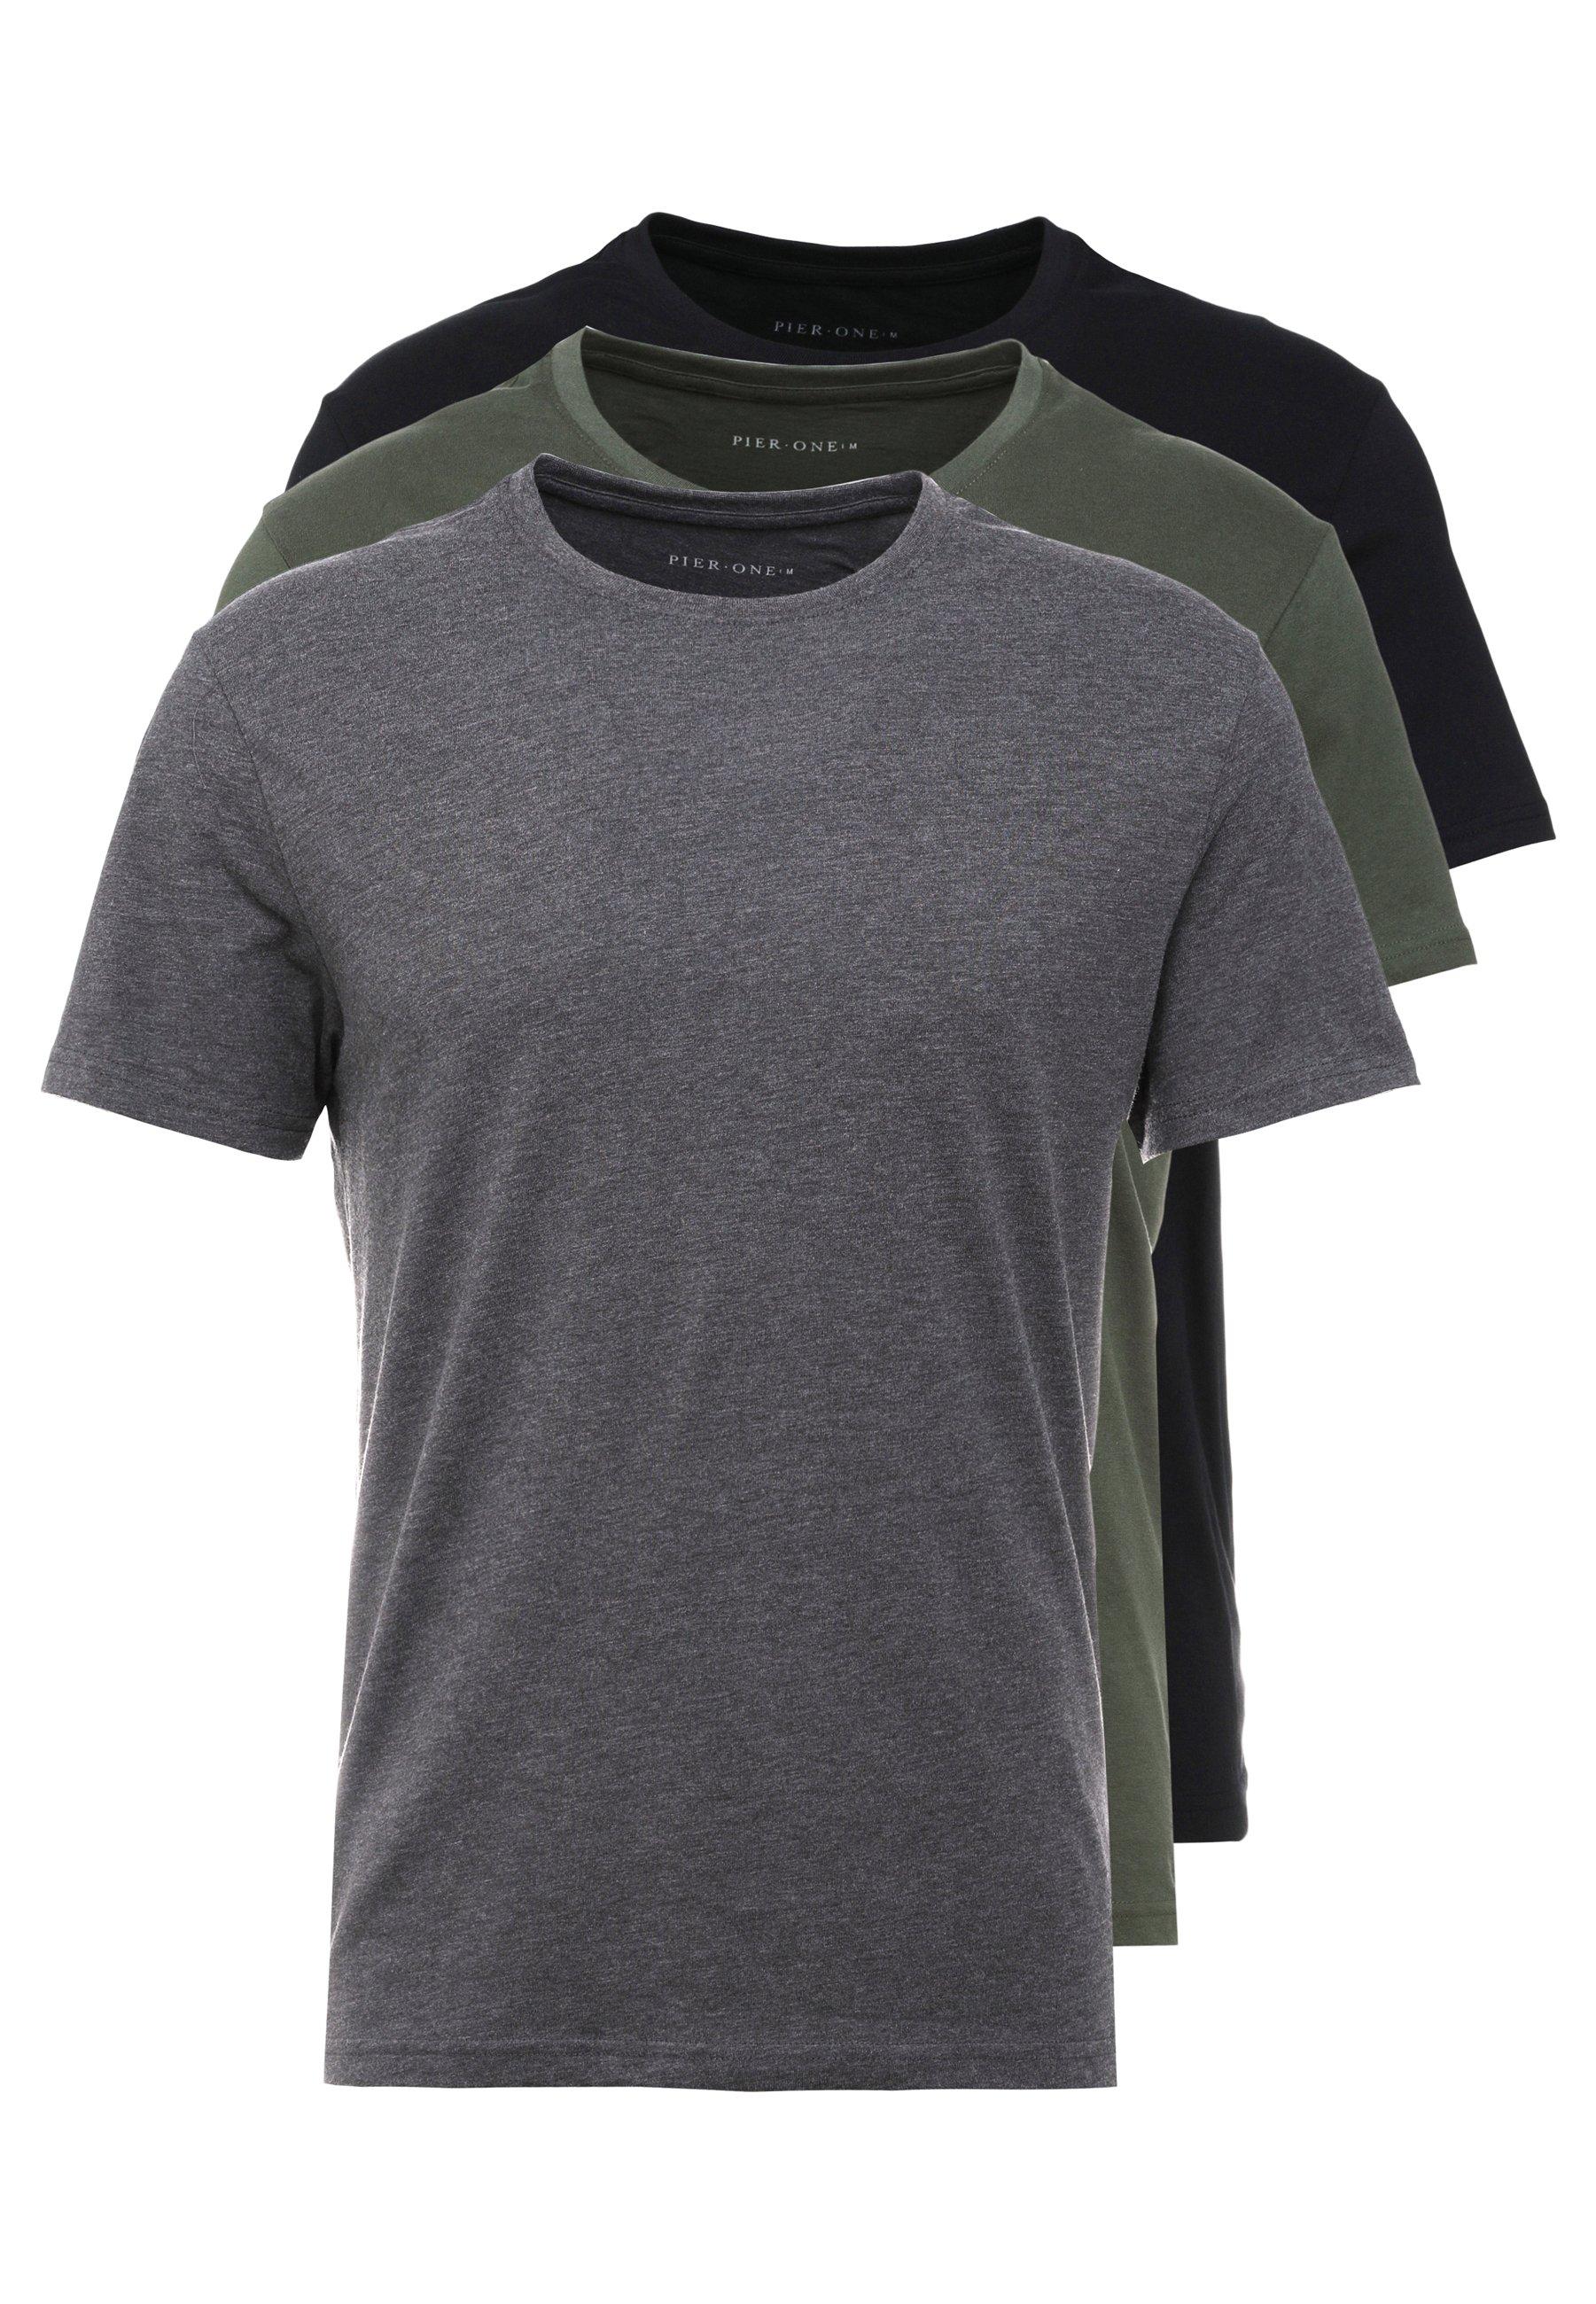 Heren shirts Maat M online kopen | Gratis verzending | ZALANDO